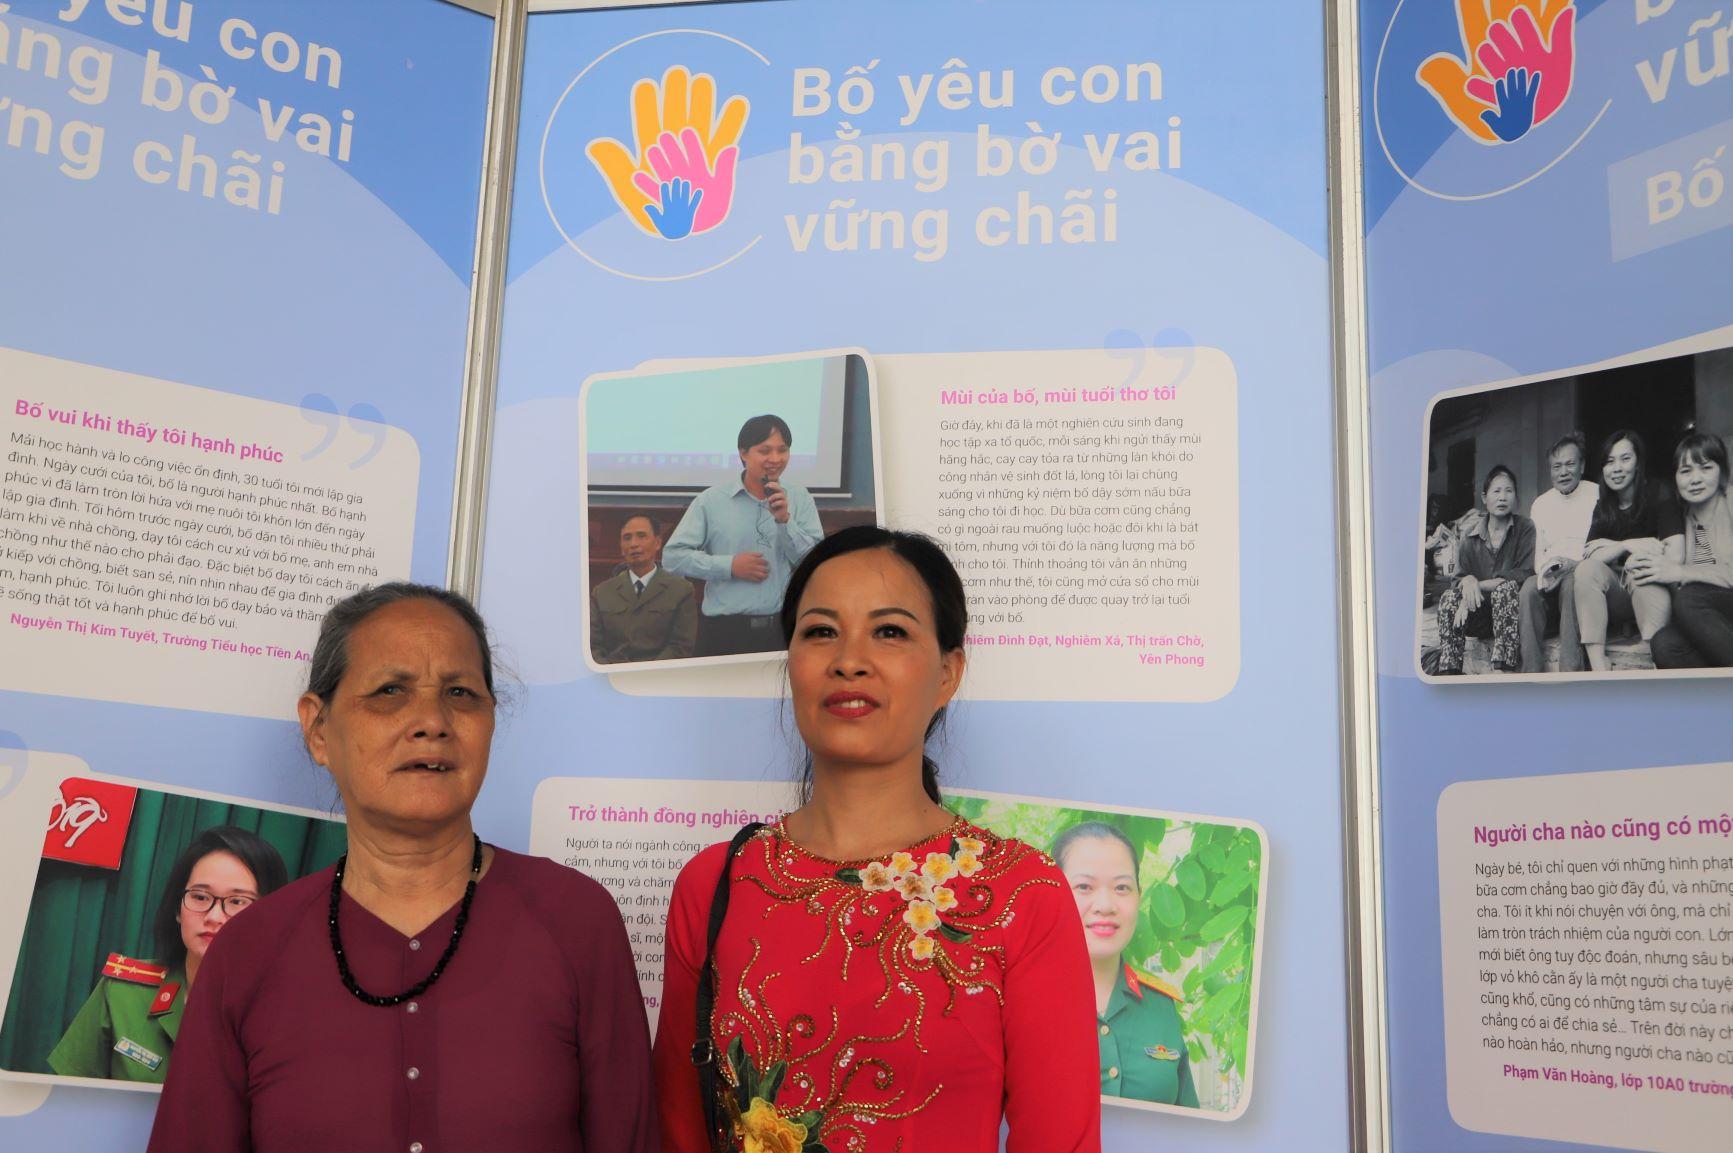 Bà Nghiêm Thị Tứ cùng con gái đến tham dự triển lãm. Con trai của bà là anh Nghiêm Đình Đạt (hình ảnh triển lãm ở phía sau lưng bà) là người đoạt giải nhất tại cuộc thi viết